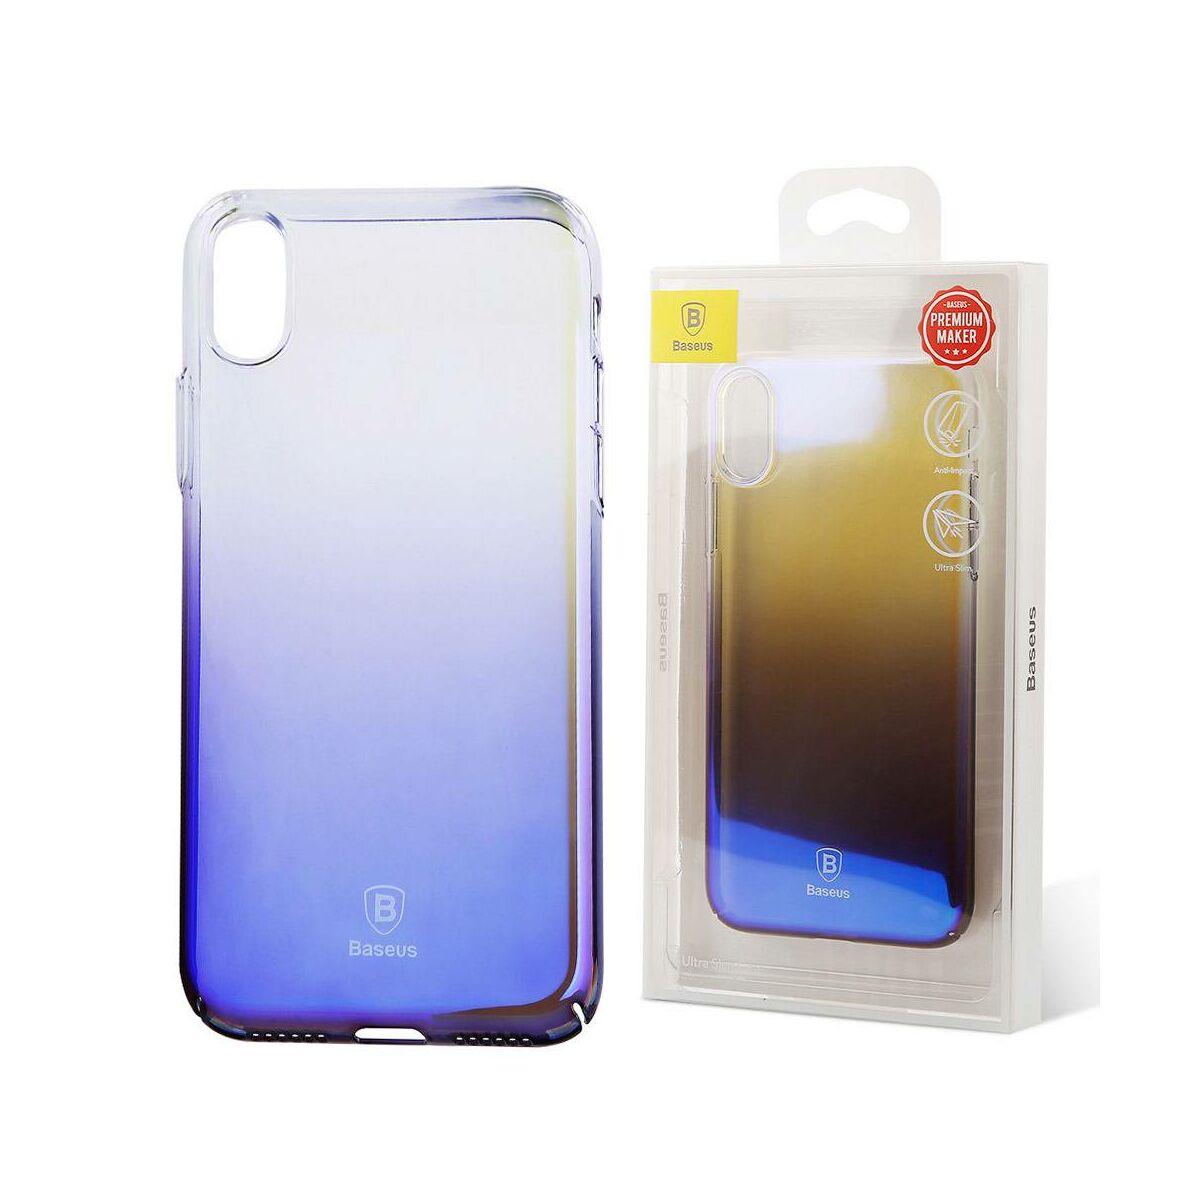 Baseus iPhone X/XS tok, Glaze, átlátszó, fekete (WIAPIPHX-GC01)